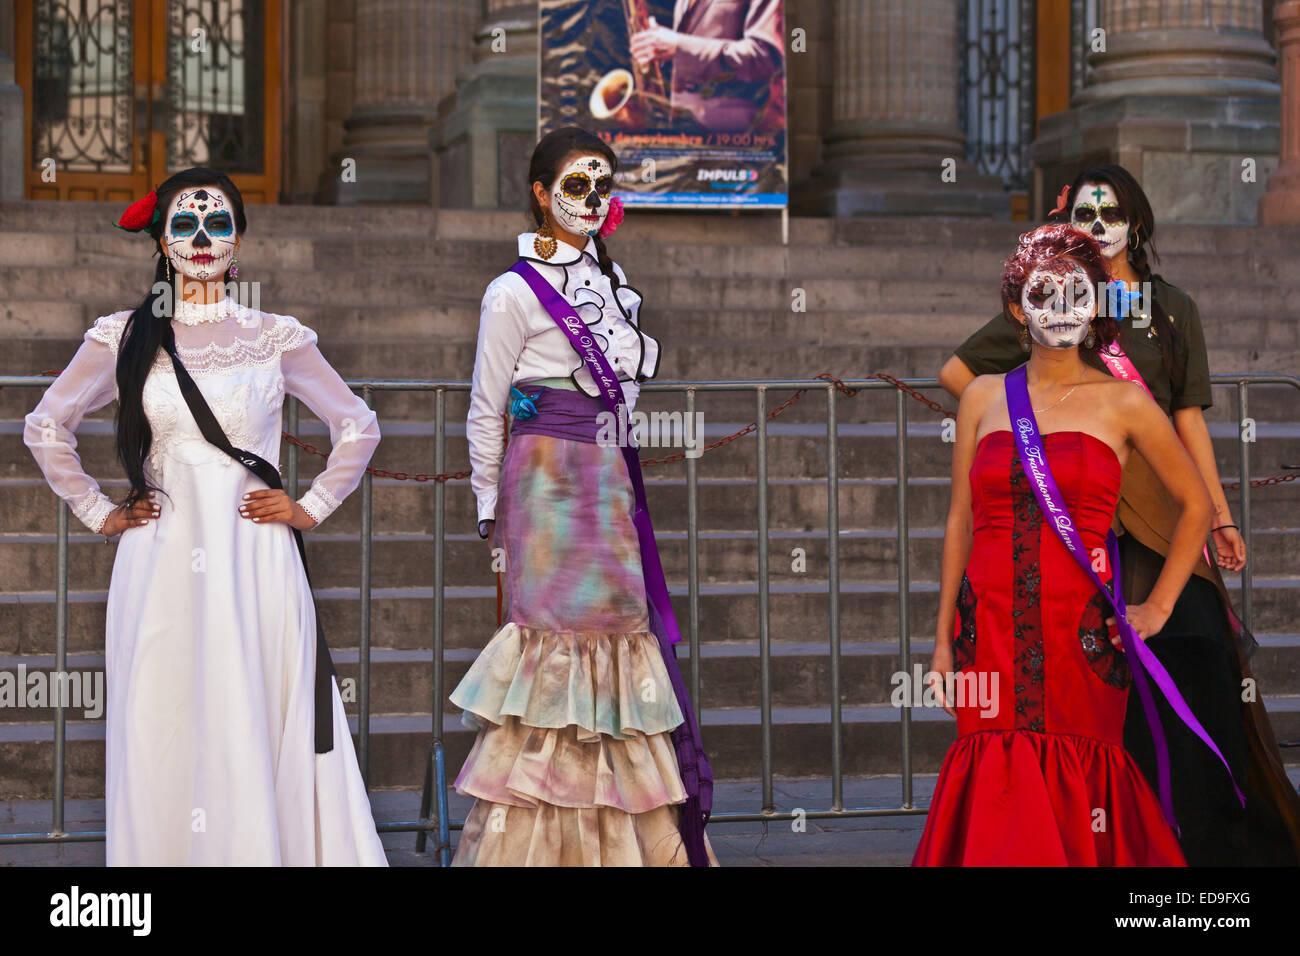 LA CALAVERA CATRINAS ou élégante des crânes, sont les icônes de la FÊTE DES MORTS - Guanajuato, Mexique Banque D'Images